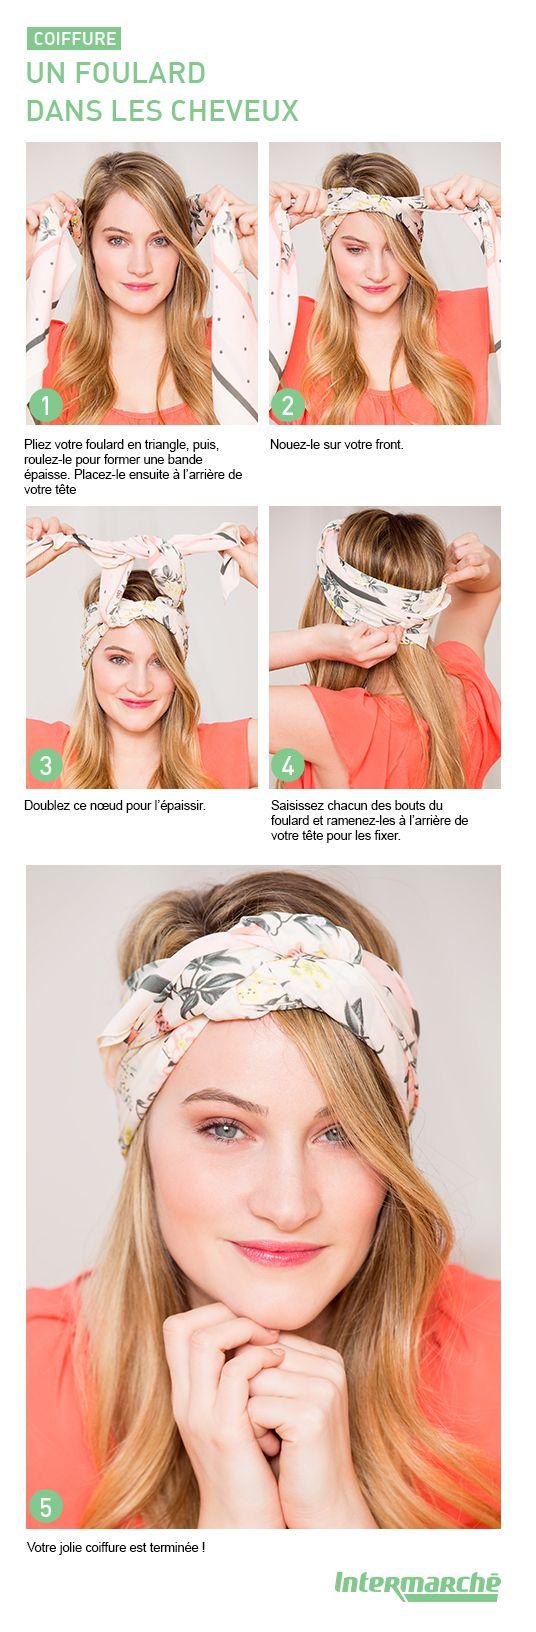 les 25 meilleures id es concernant nouer un foulard sur pinterest charpe nou e porter. Black Bedroom Furniture Sets. Home Design Ideas